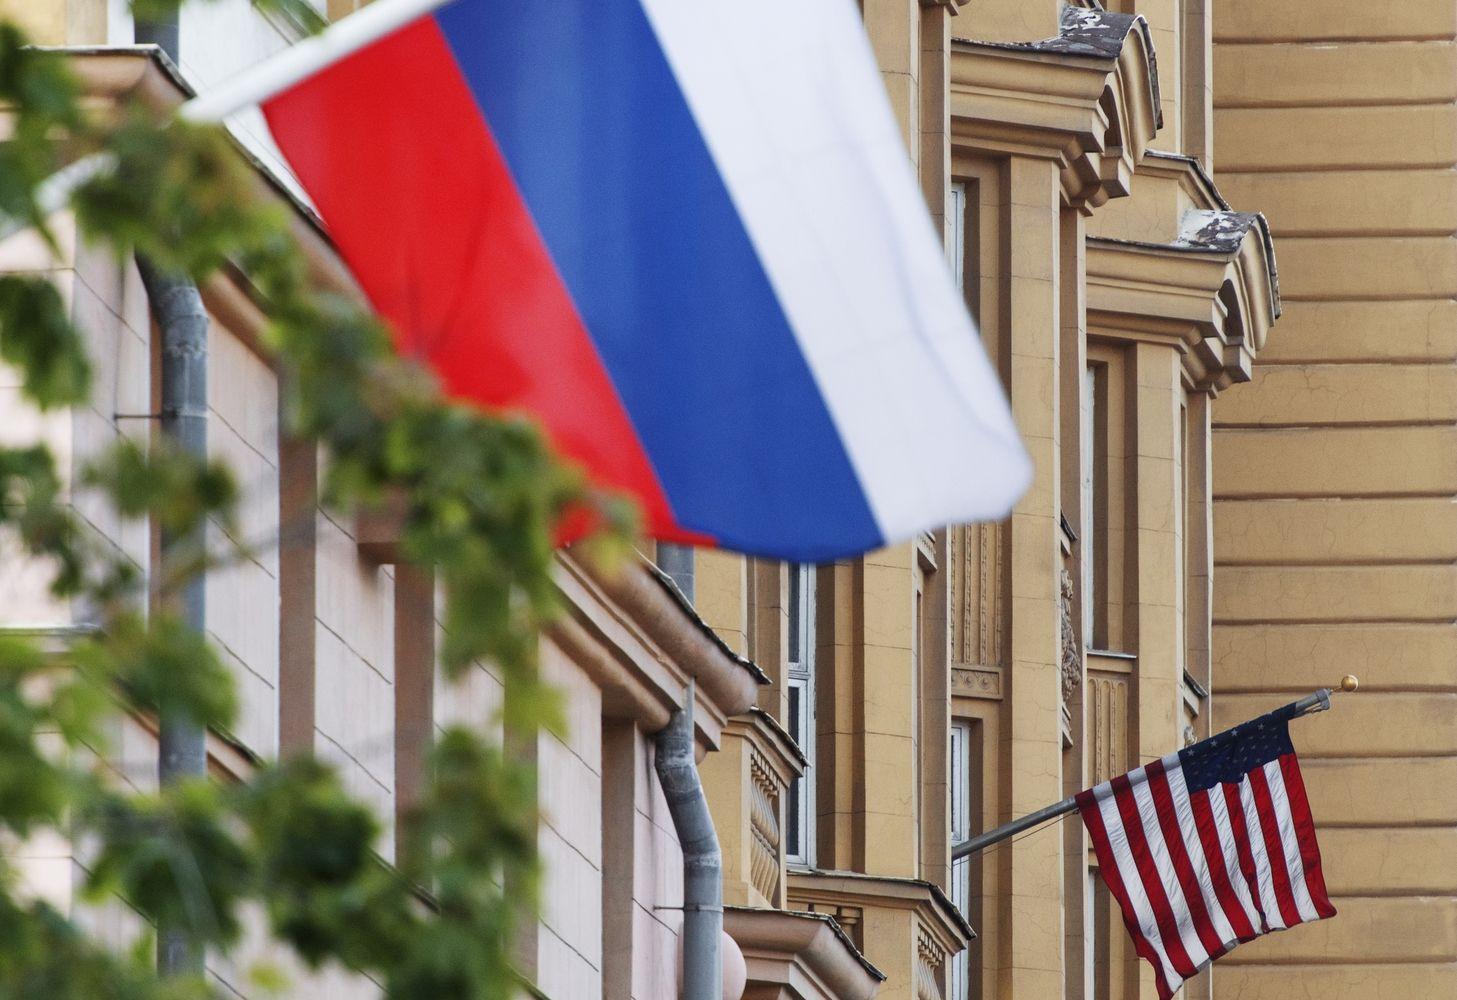 Posankcijų išplėtimoMaskva perspėja Vašingtonąnežaisti su ugnimi